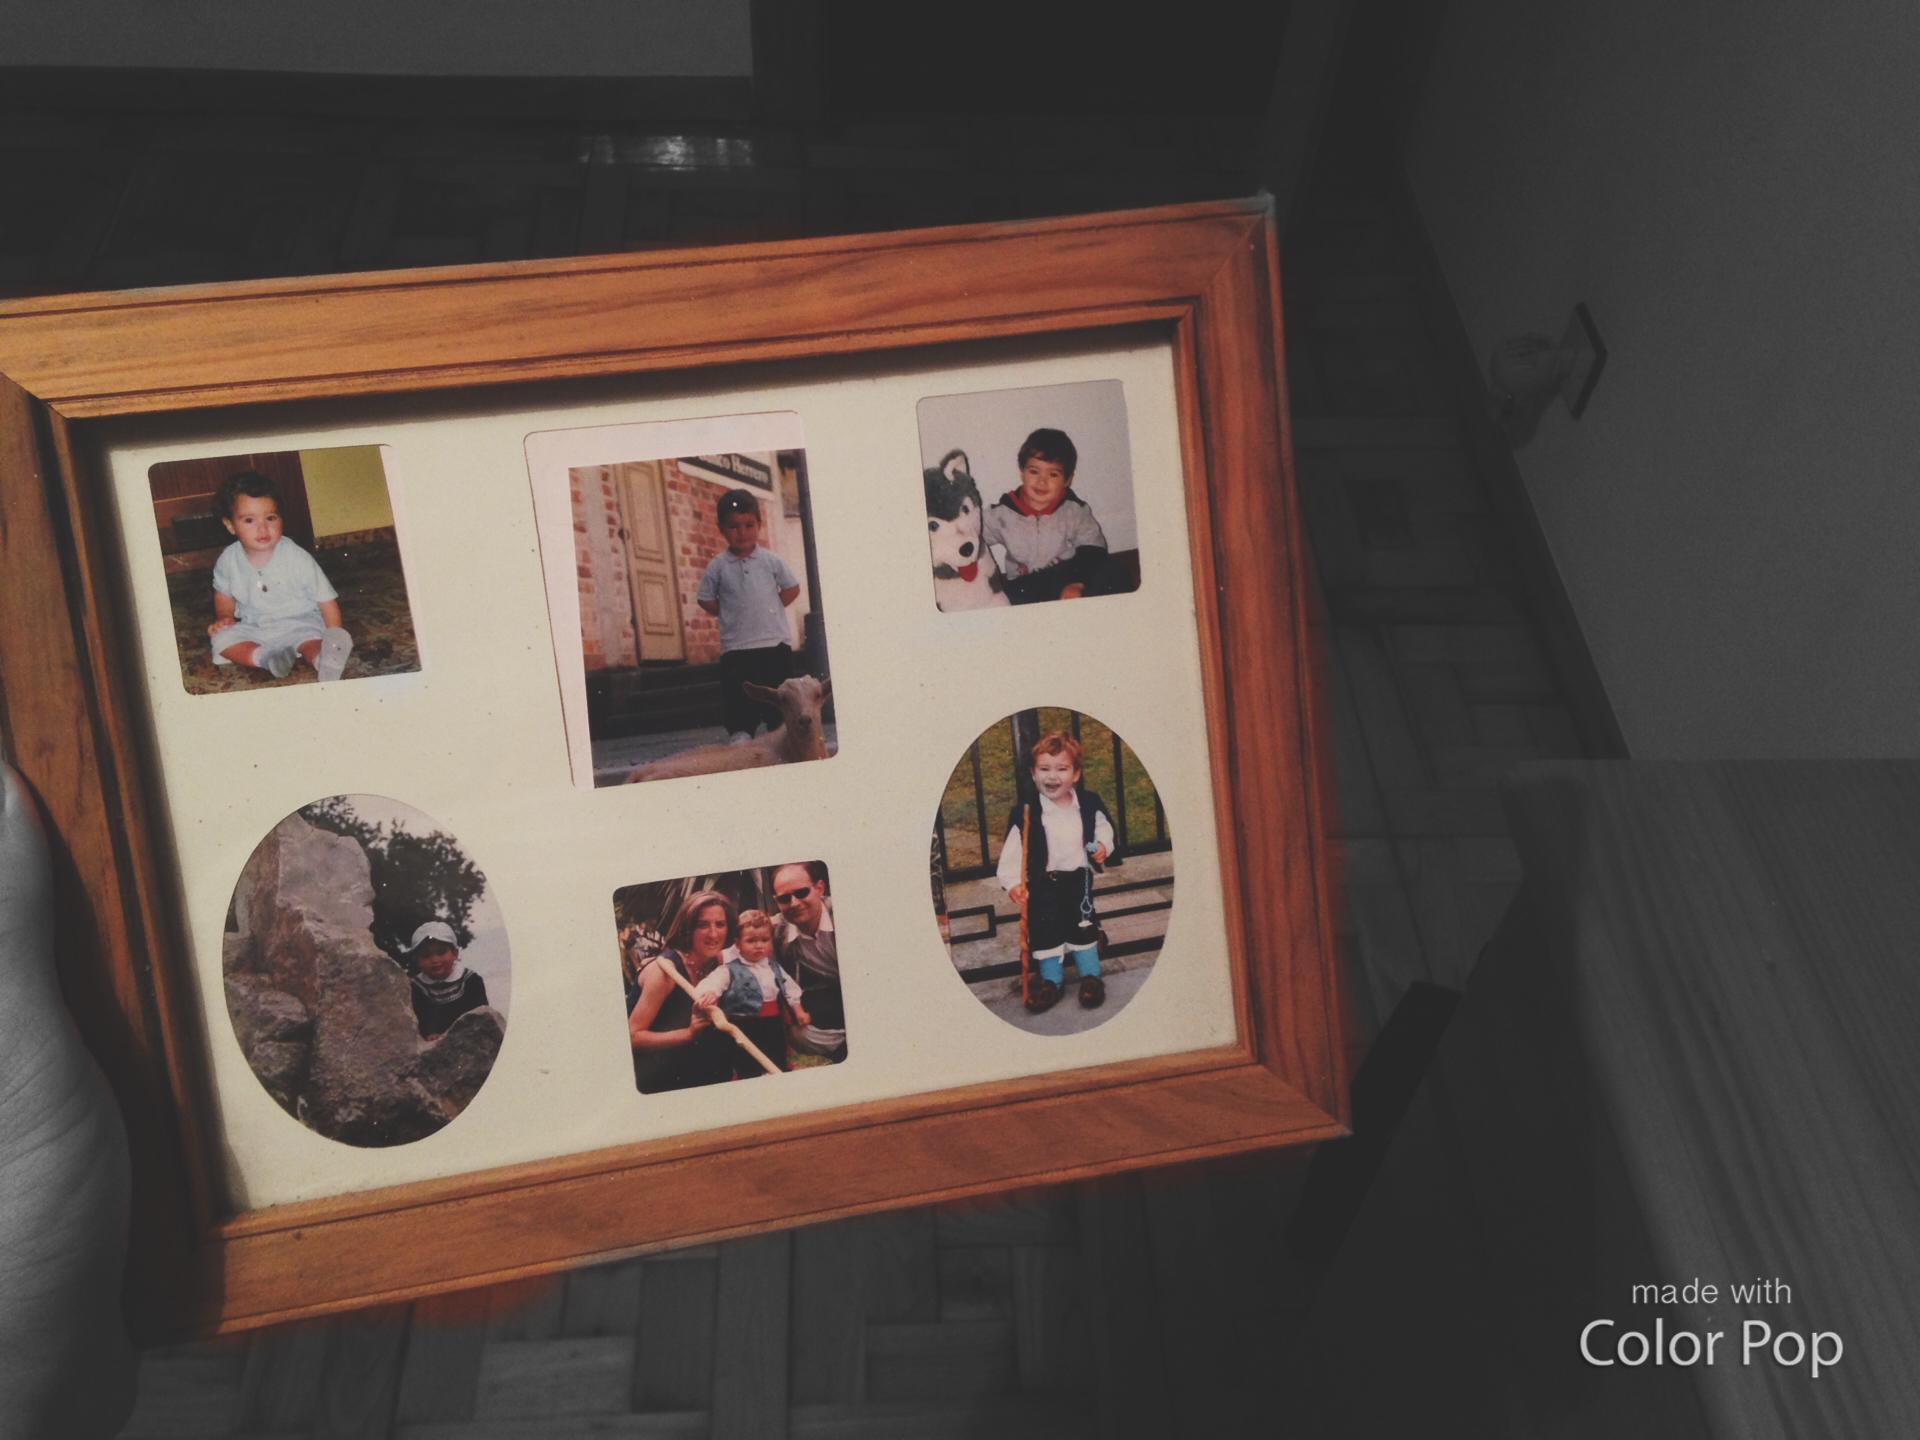 El pilar principal de este cuadro es la foto en la que estoy con mis padres. Si tuviera que irme les echaría muchísimo de menos y rondarían a todas horas por mi cabeza junto con mi hermana.